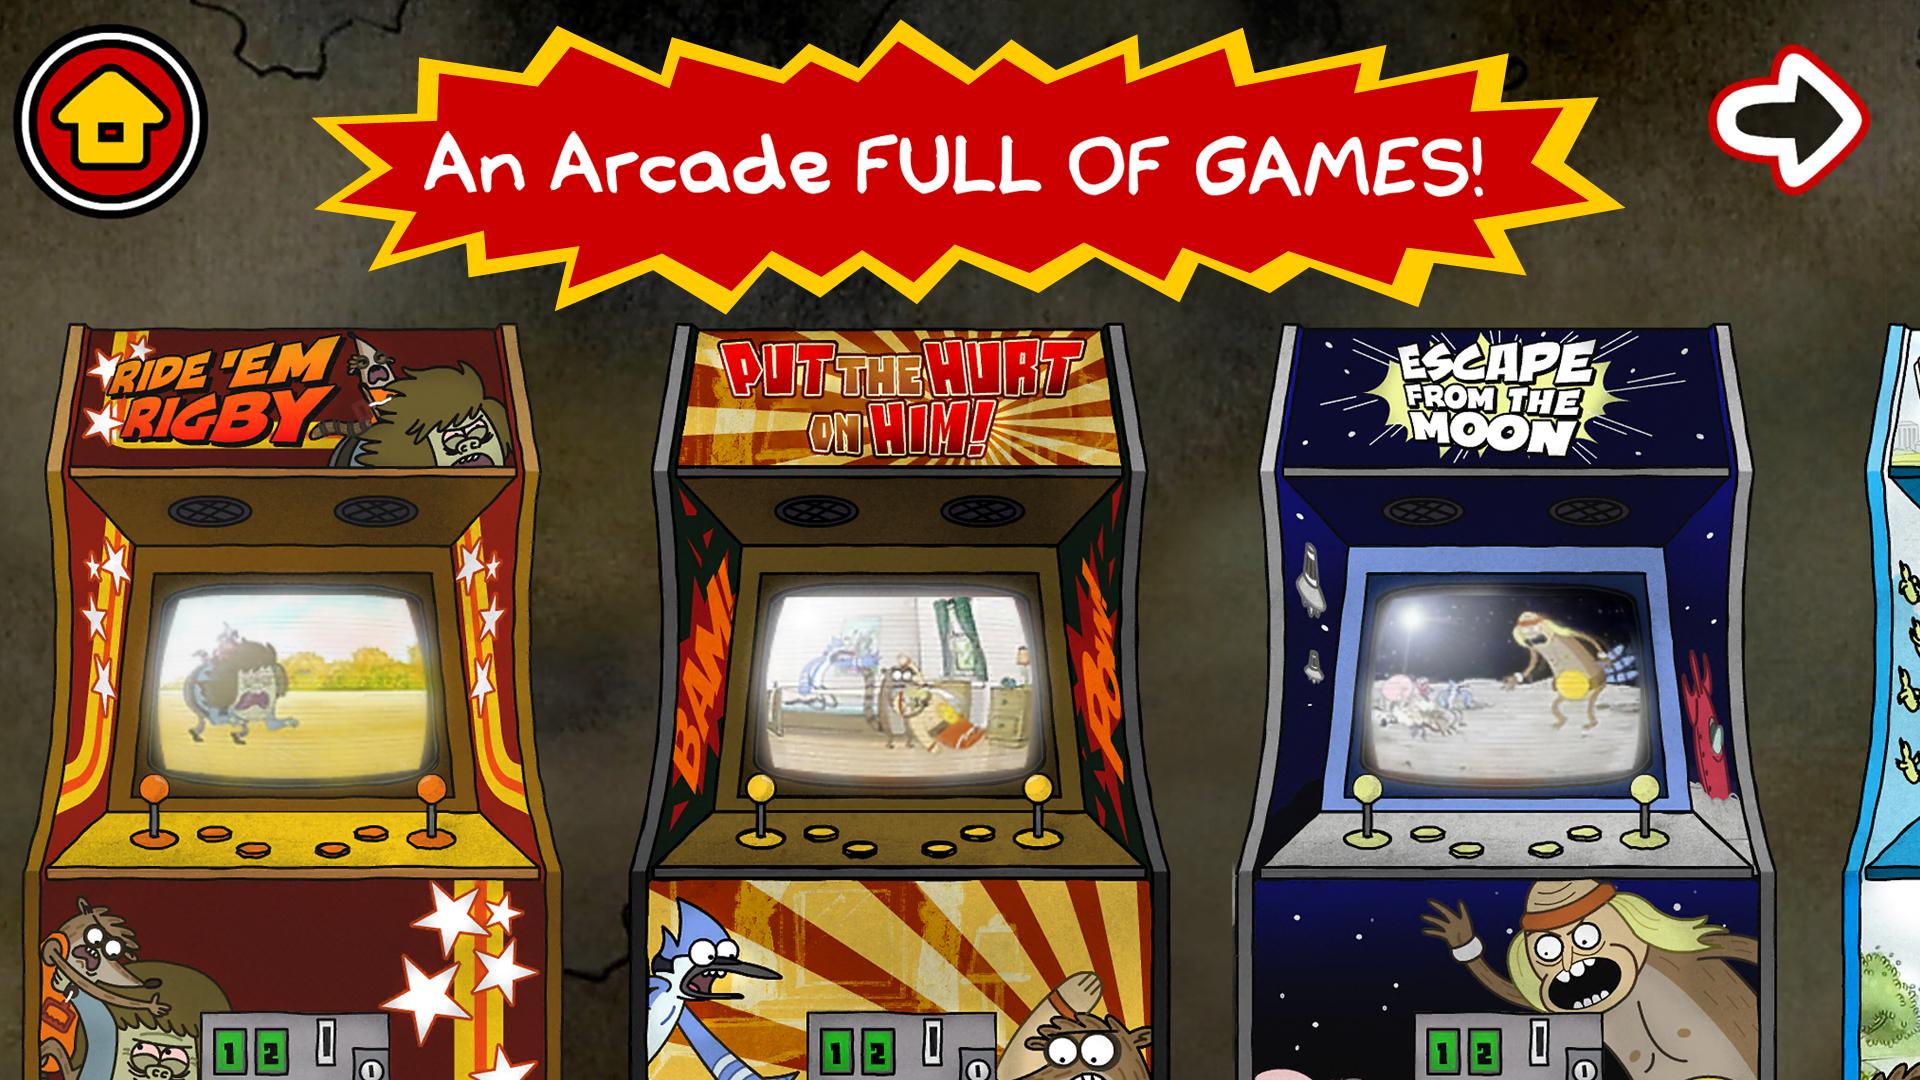 Just A Regular Arcade - Regular Show